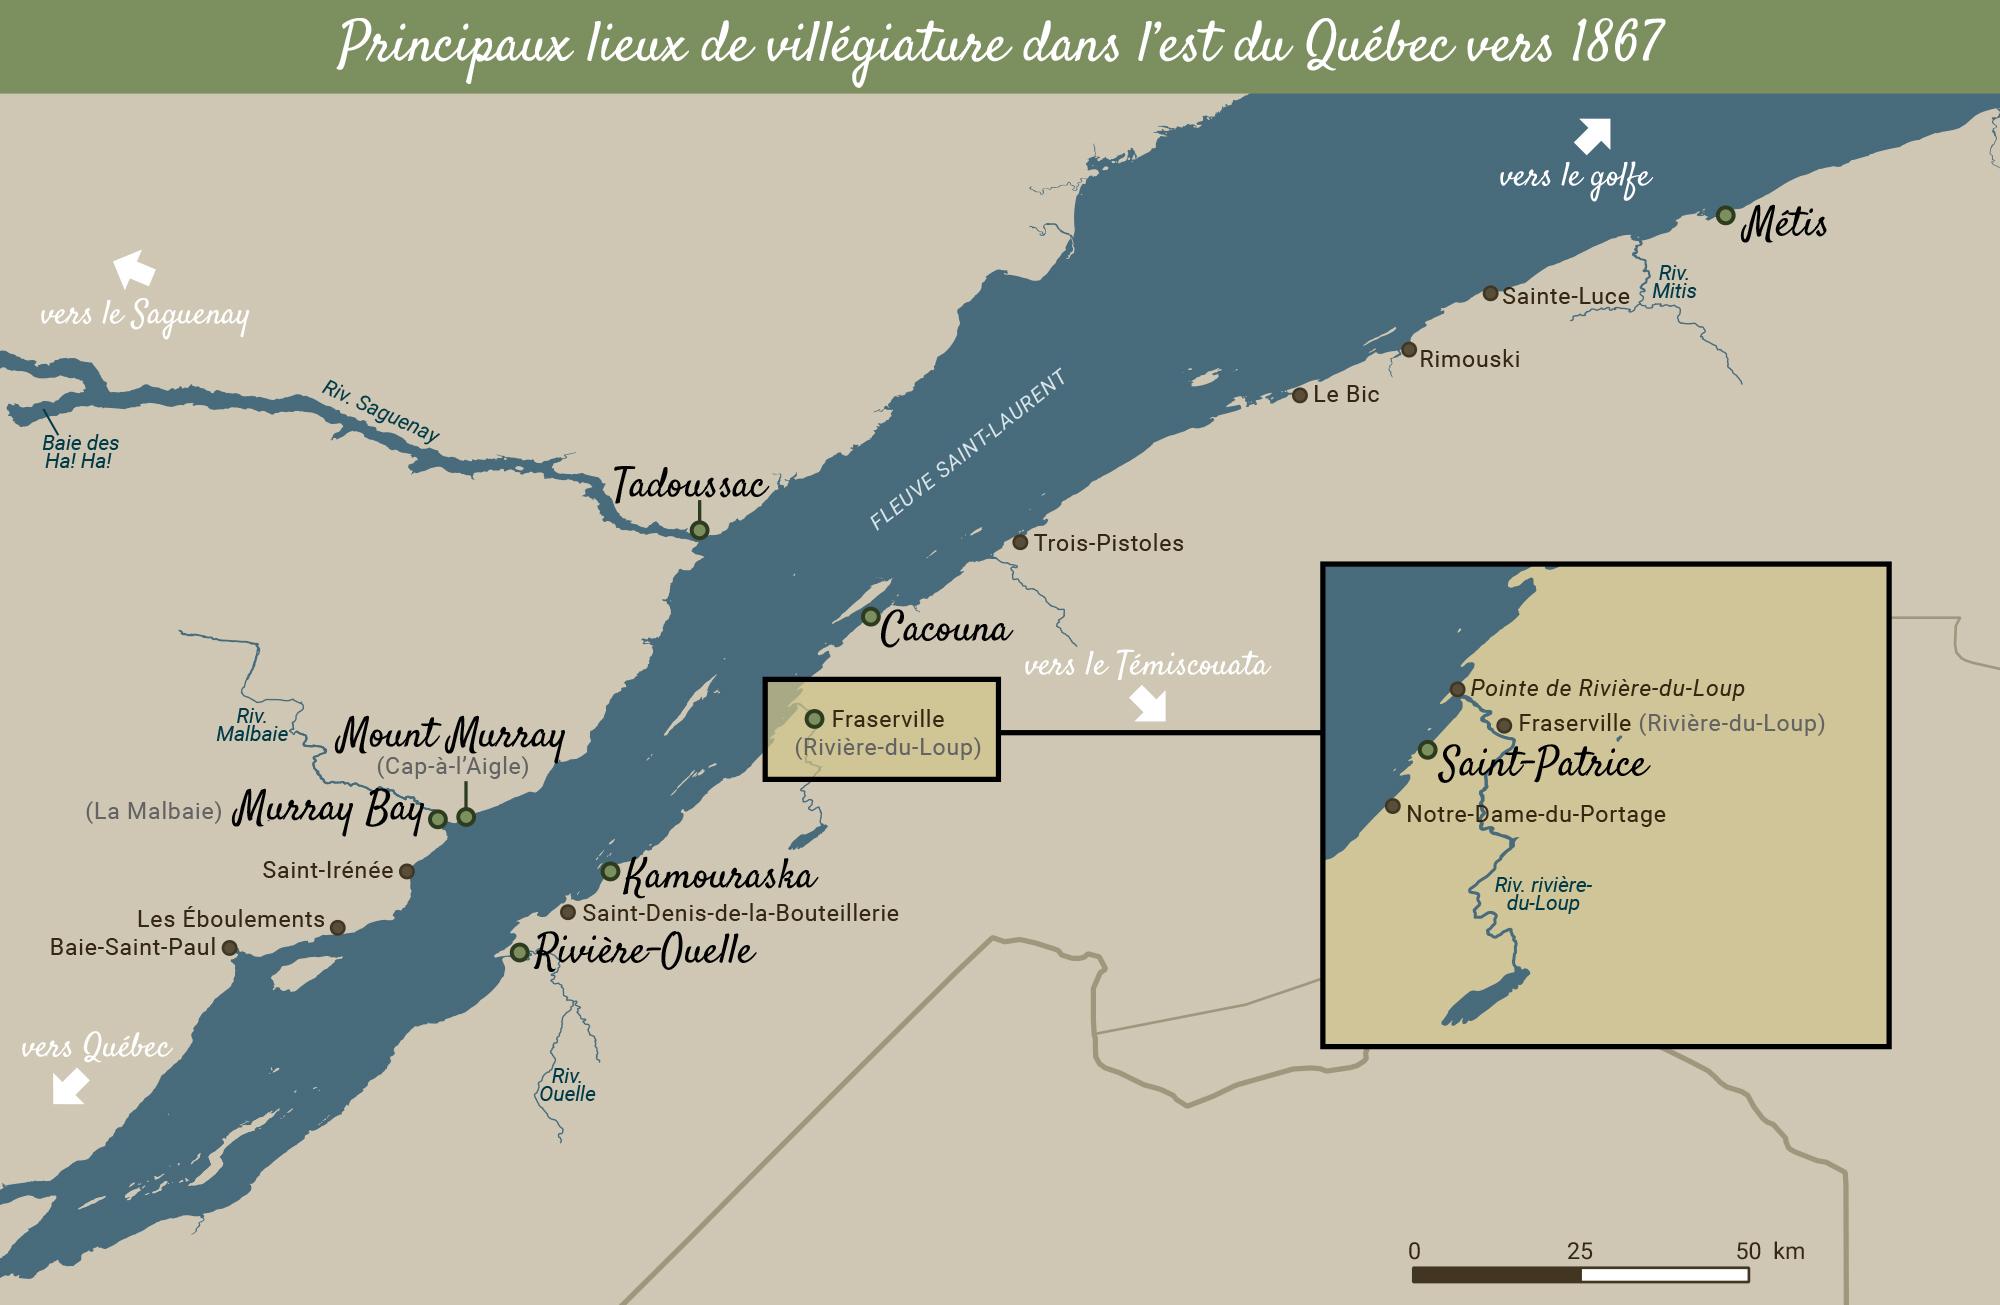 Carte de l'estuaire en couleurs. Zoom sur les stations balnéaires de la région de Rivière-du-Loup.